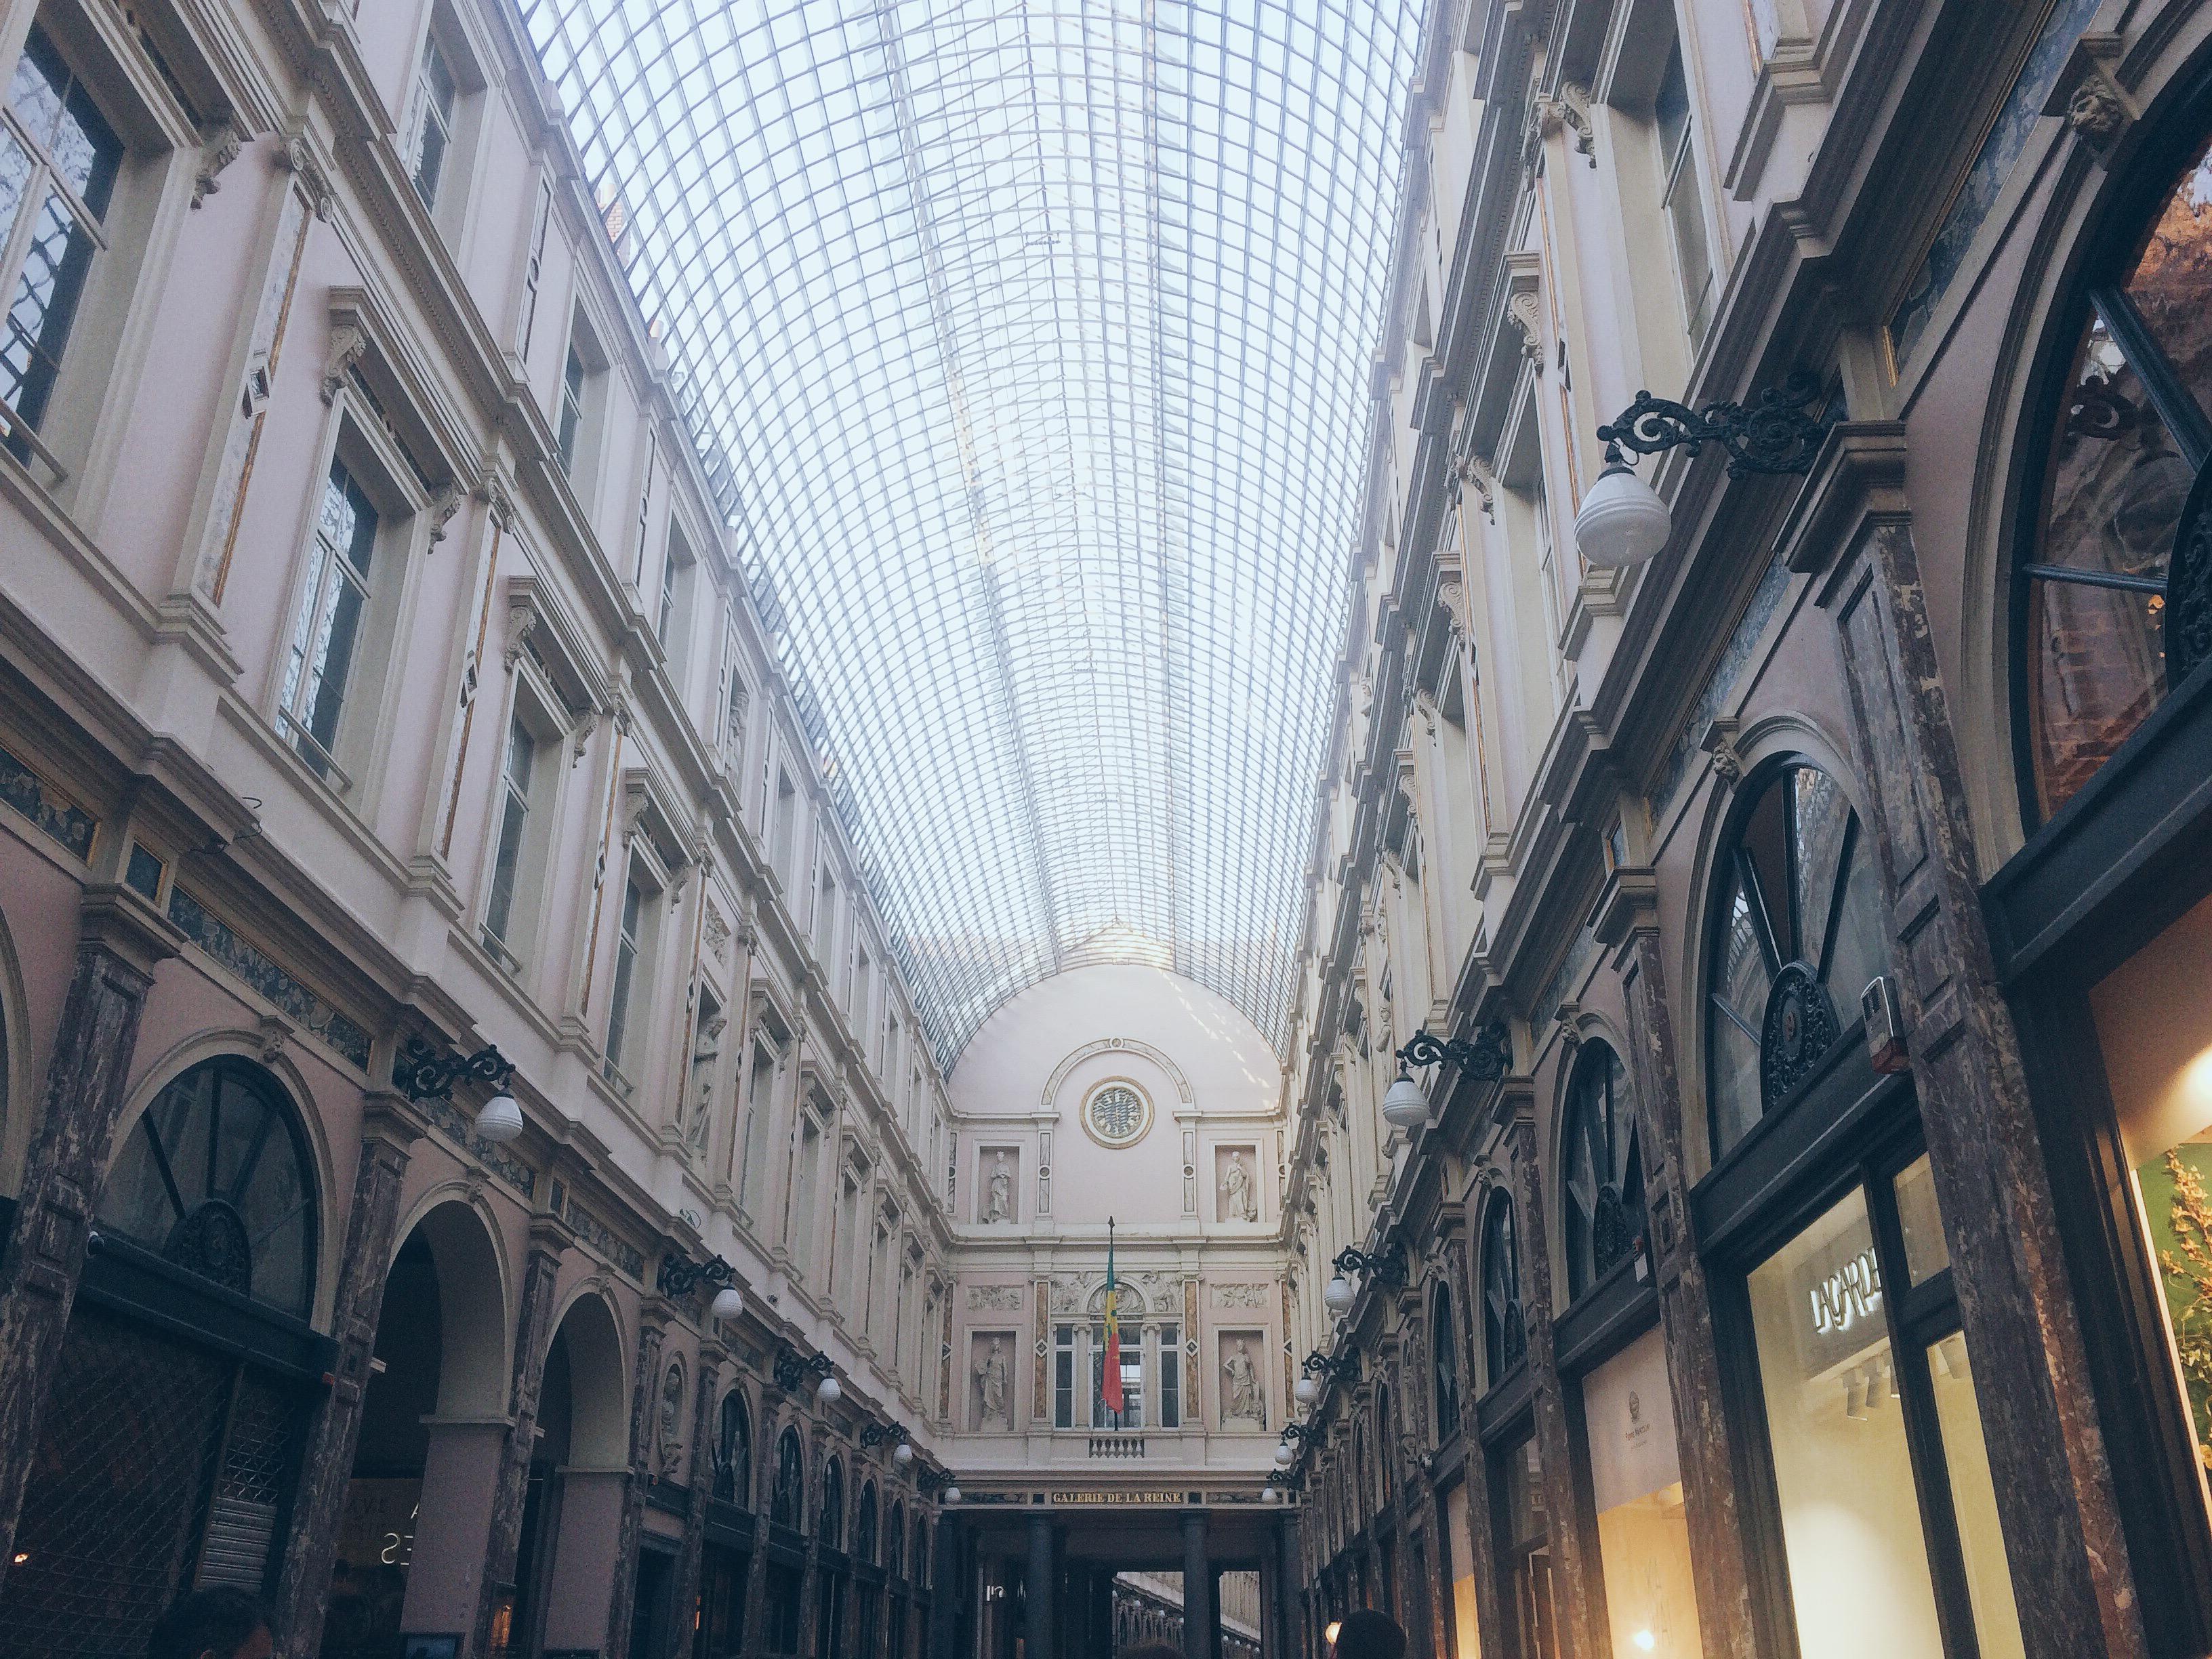 Mont des arts Galeries Saint-Hubert Bruxelles Brussels